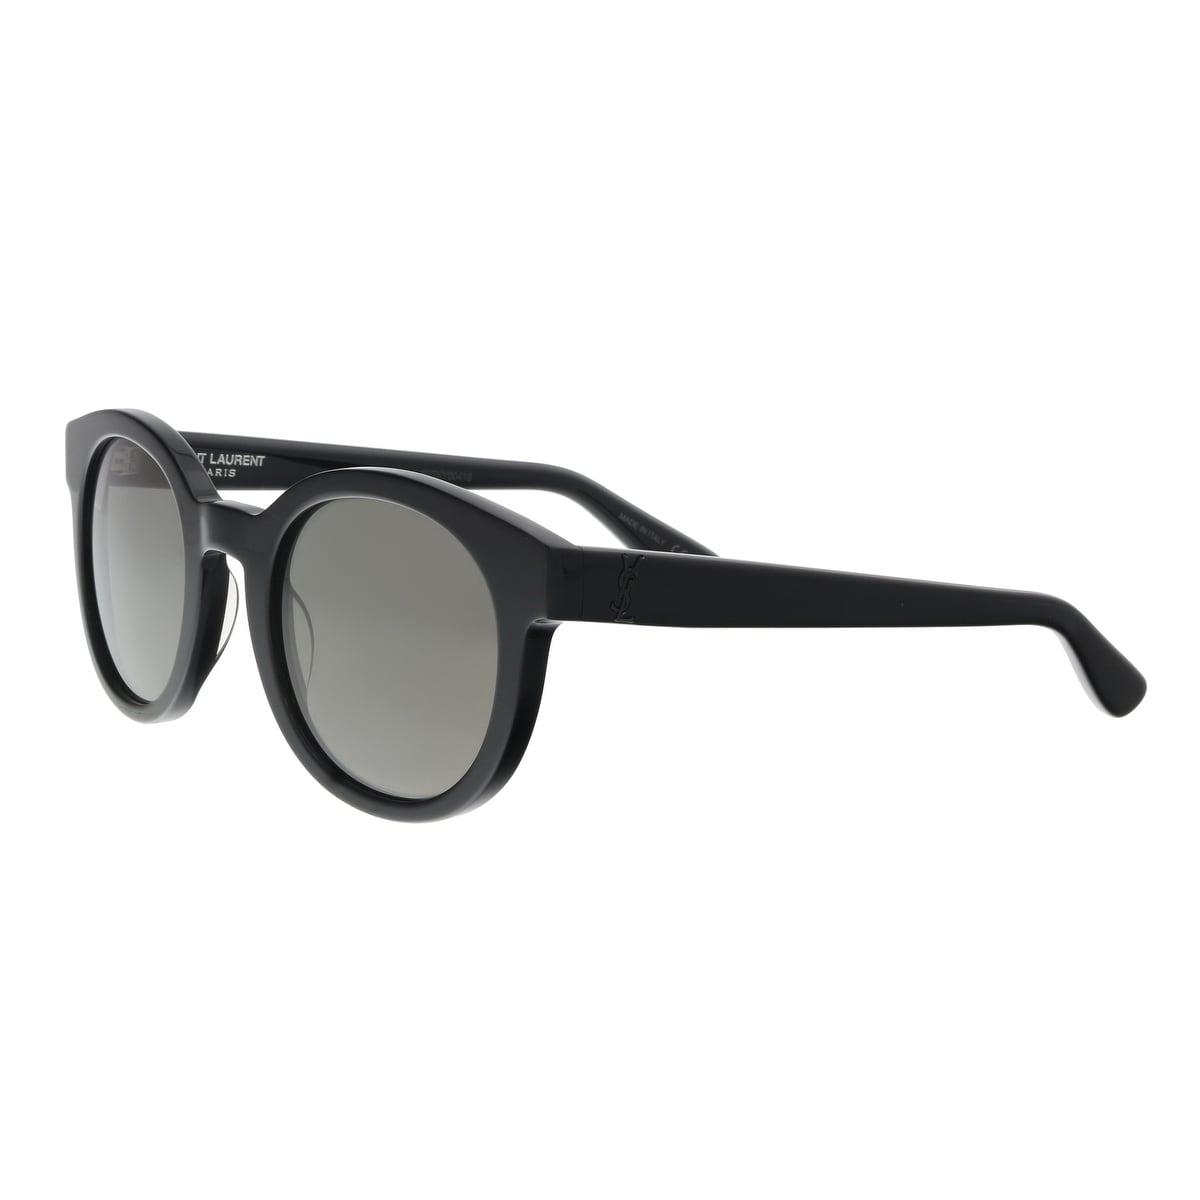 49cc2d0690d6 Shop Saint Laurent SL M15-001 5 Black Round Sunglasses - 51-24-145 ...